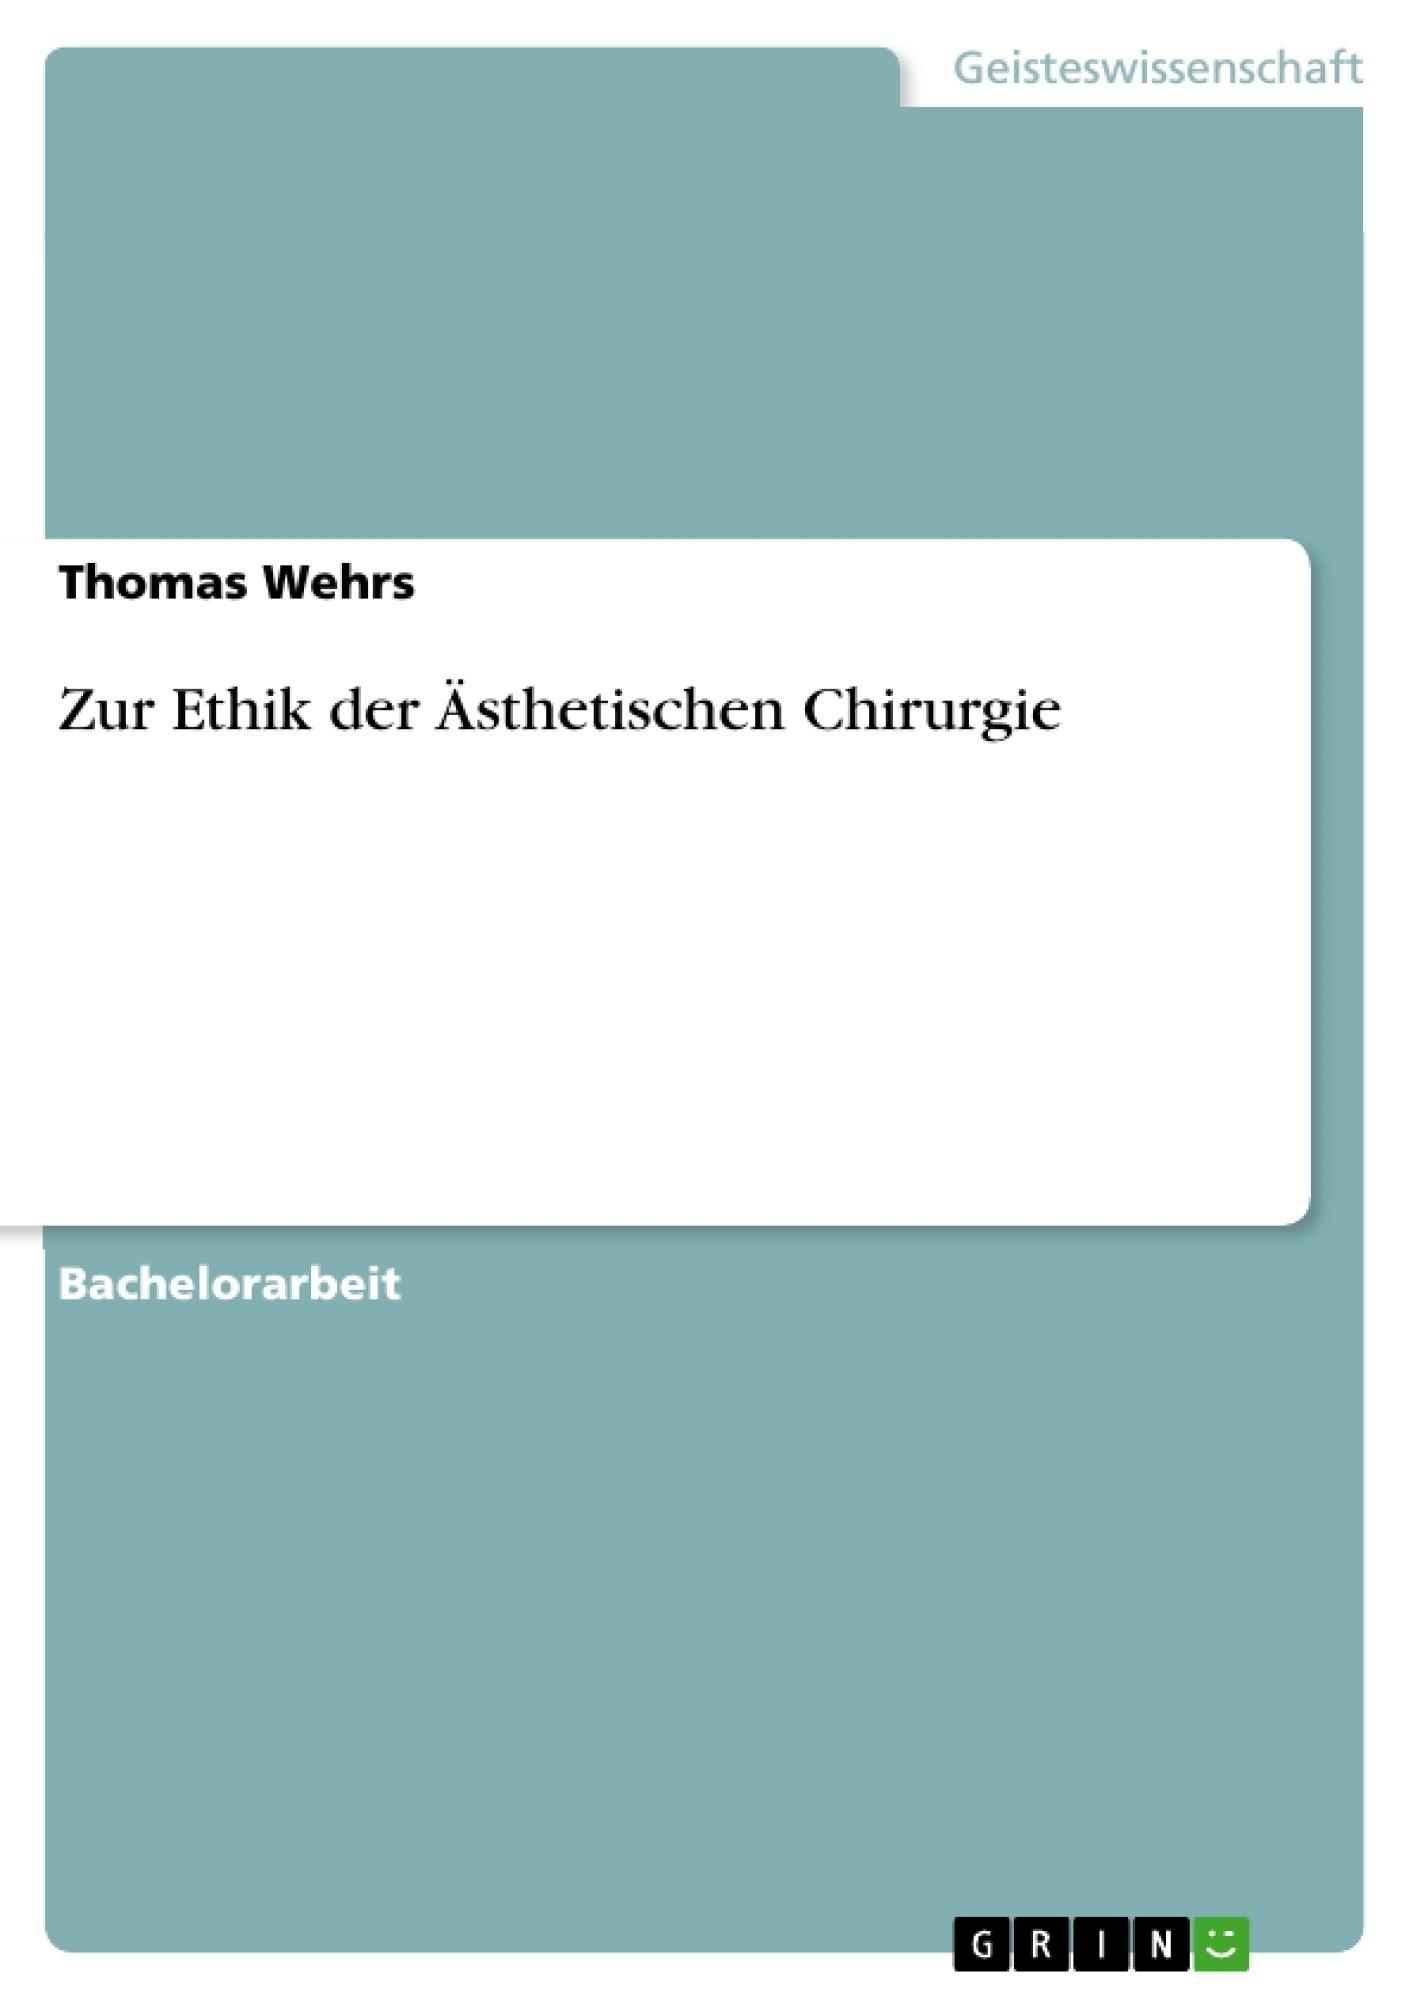 Titel: Zur Ethik der Ästhetischen Chirurgie